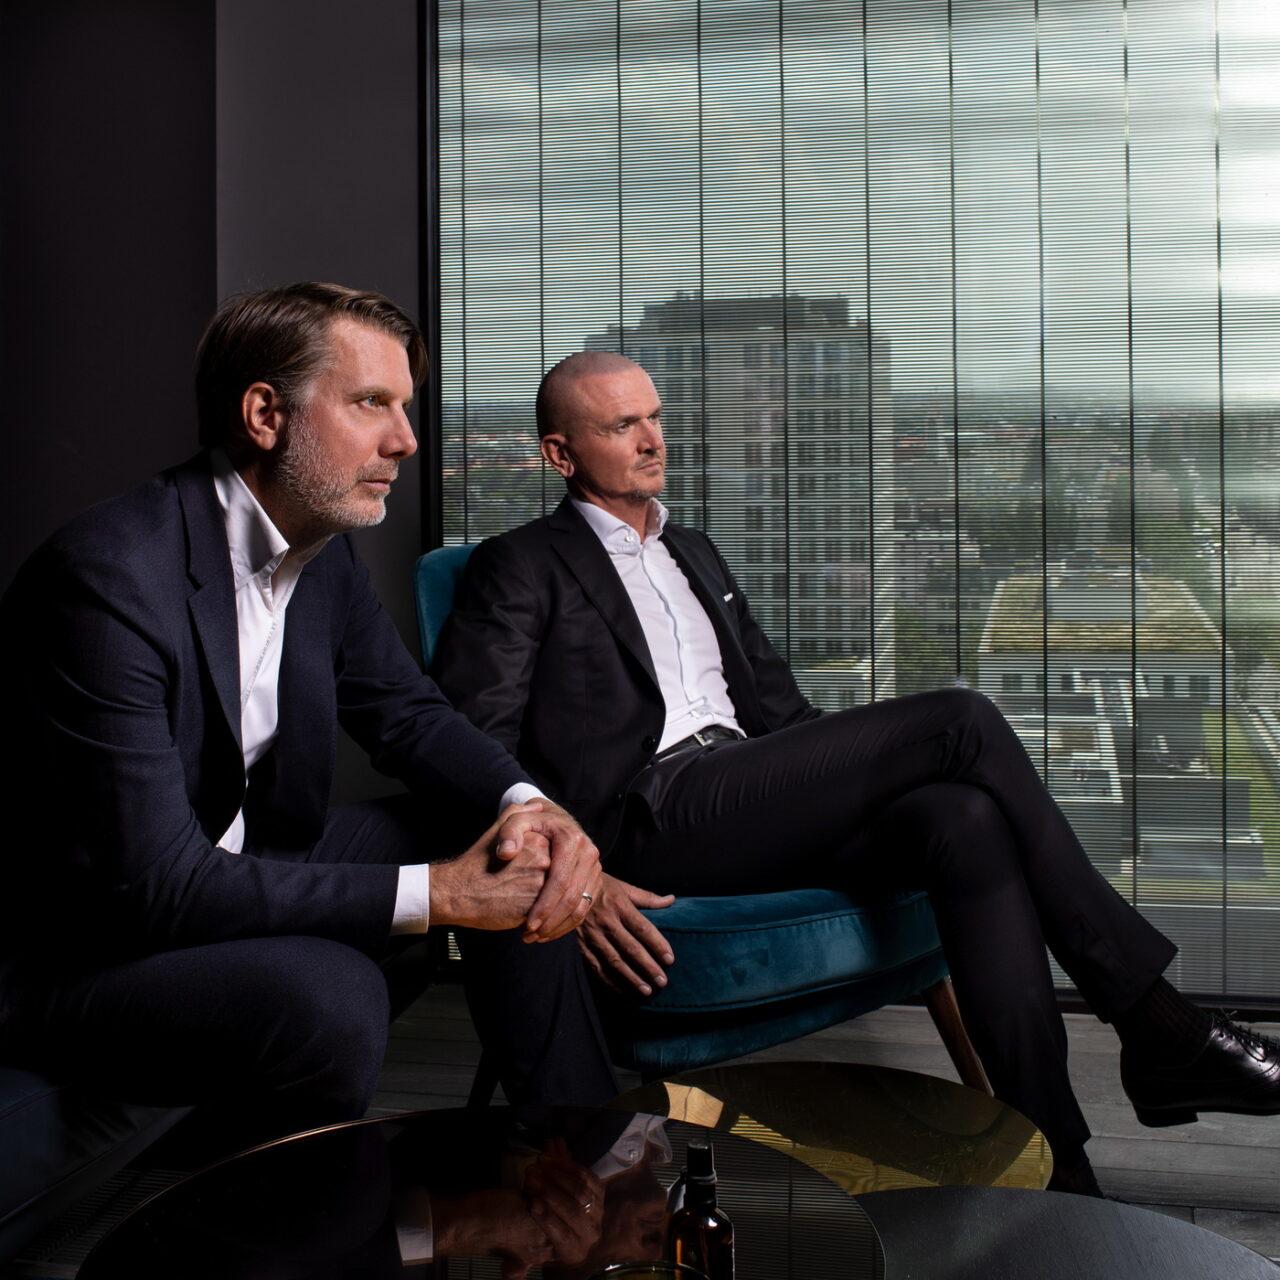 DEUTSCHE FINANCE GROUP mit diversifizierter Unternehmensstrategie in die Zukunft